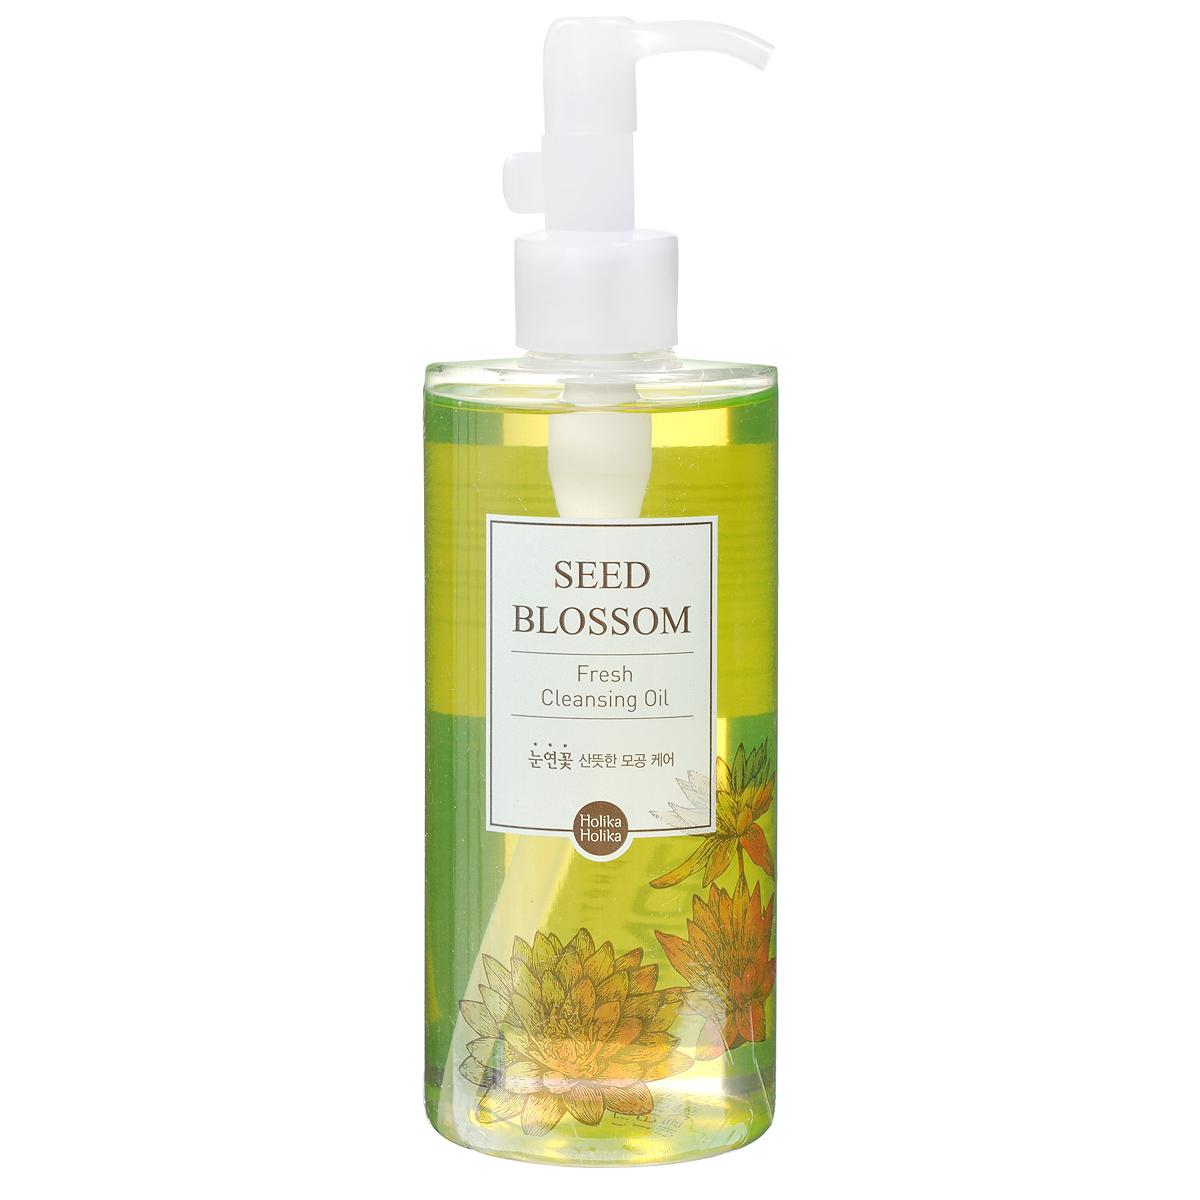 Holika Holika Масло для лица Seed Blossom, освежающее, очищающее, 300 мл000000609Освежающее очищающее масло для умывания Holika Holika Seed Blossom обеспечит глубокое и мягкое очищение вашей коже. Поможет снять даже самый стойкий макияж. Подходит для очищения кожи от BB-средств и удаления стойкого макияжа. Средство содержит масло оливы, масло укропа, экстракт базилика, экстракт полыни, экстракт корицы. Не закупоривает поры, придает гладкость и увлажнение, дает ощущение свежести.